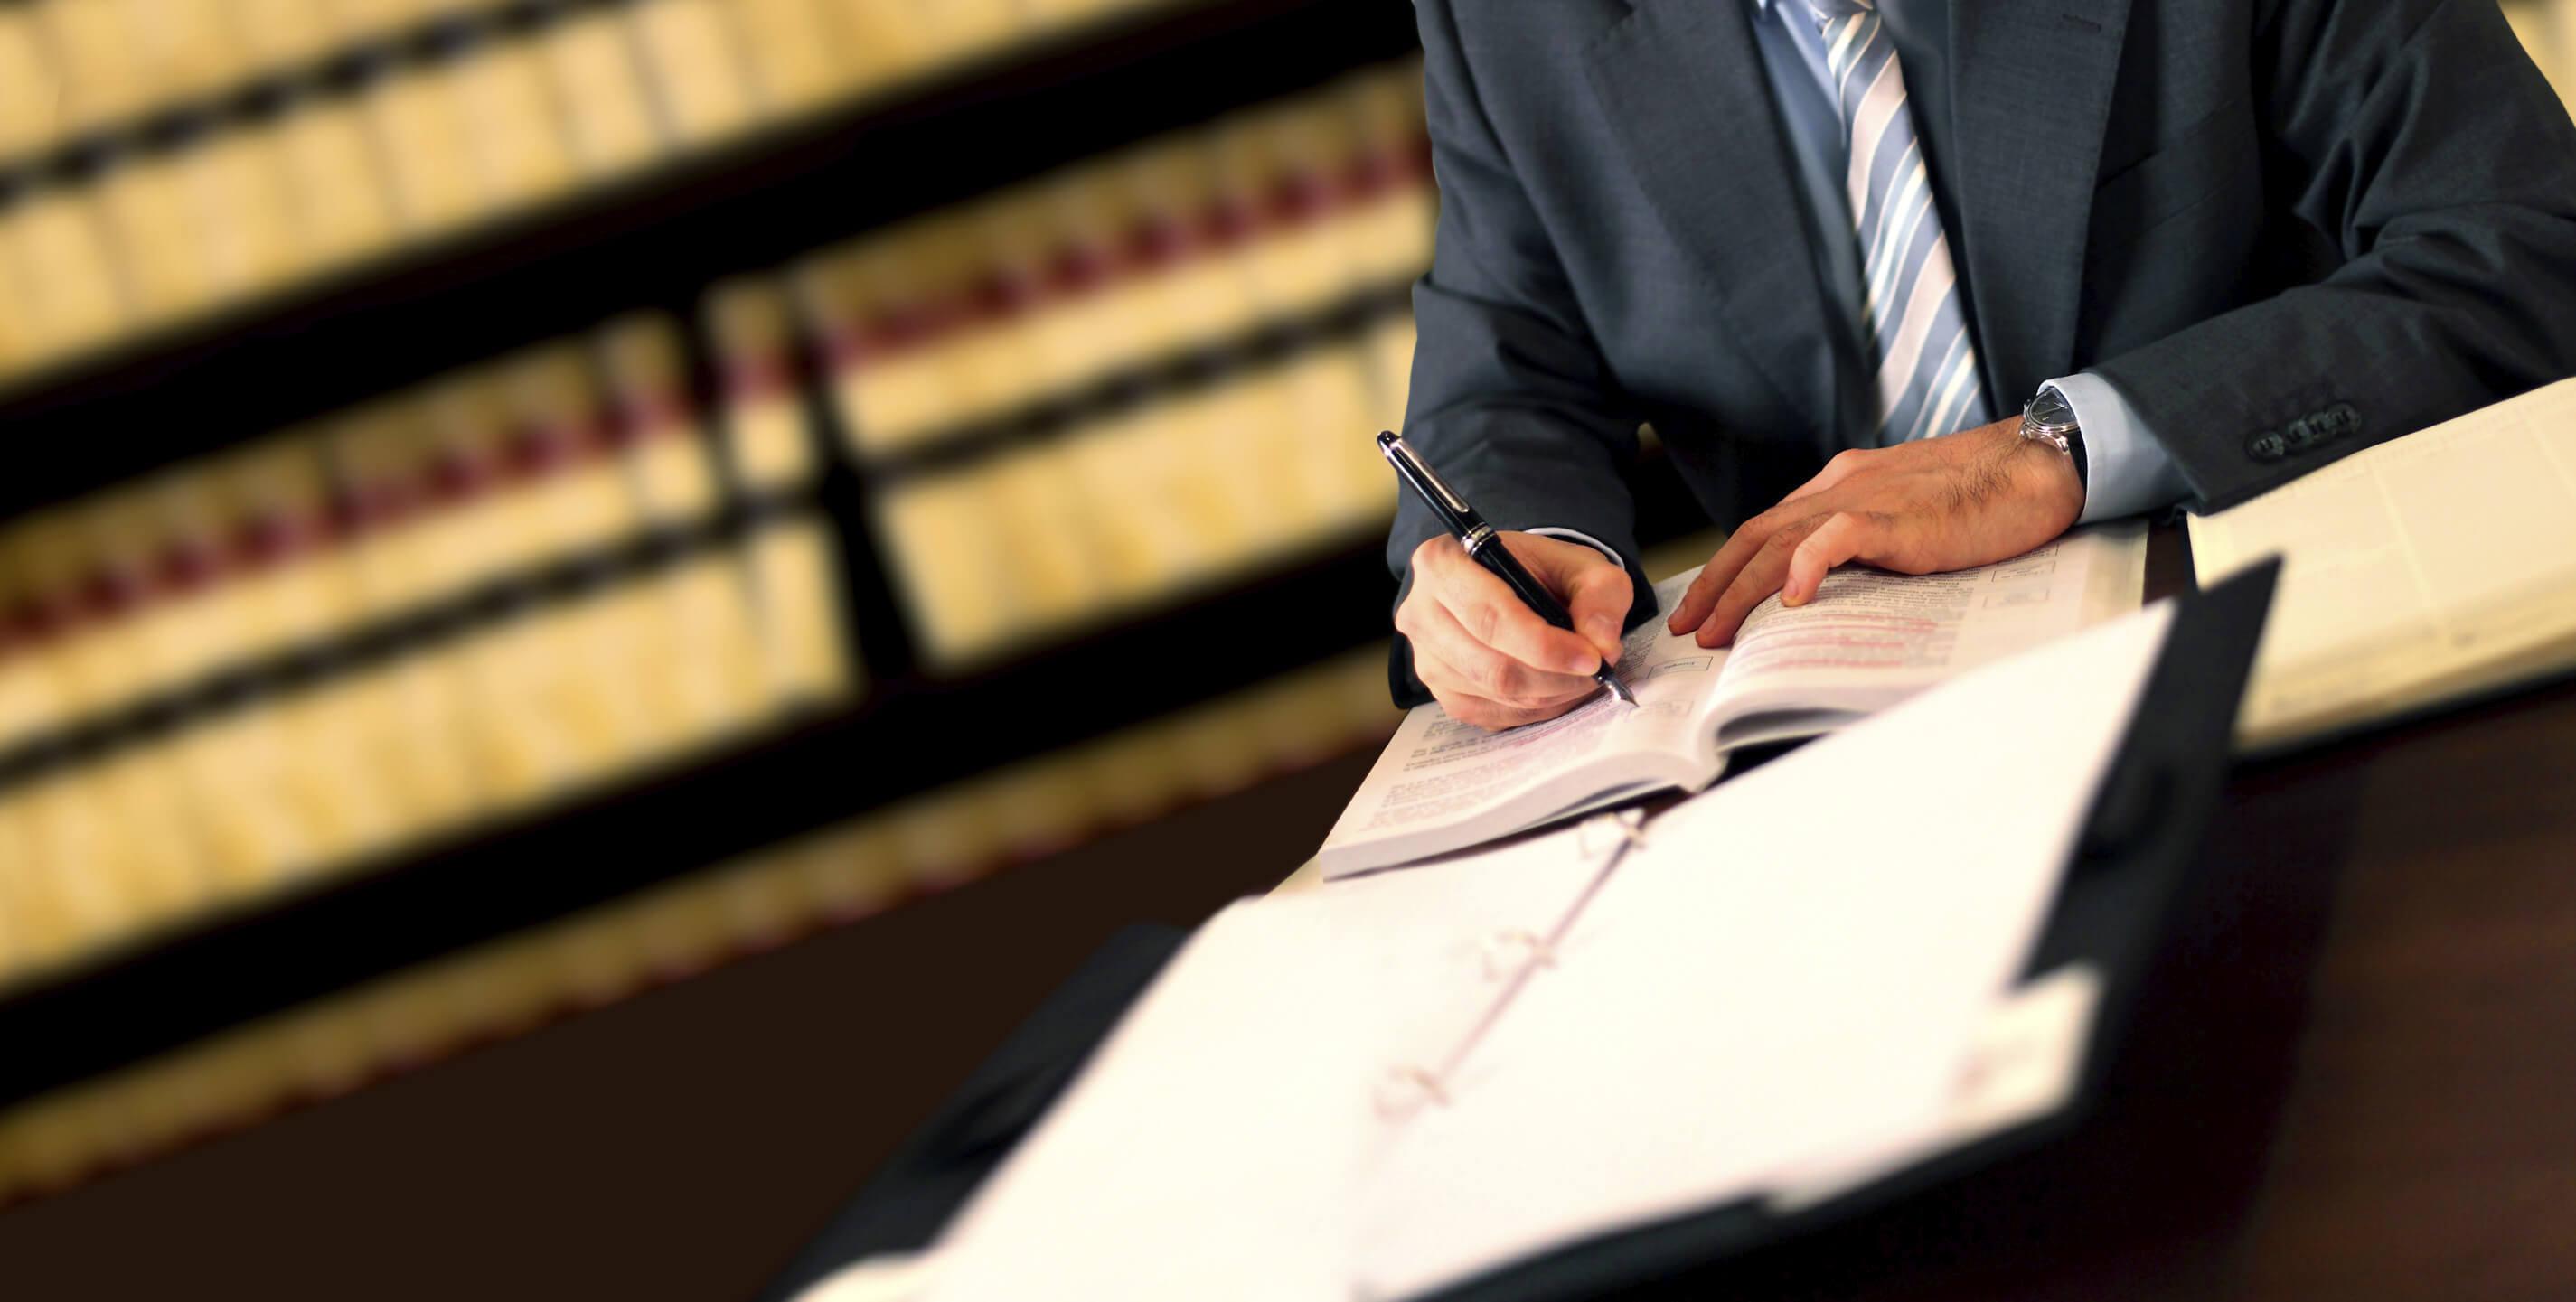 وکیل انتخابی ما باید دارای تخصص لازم باشد